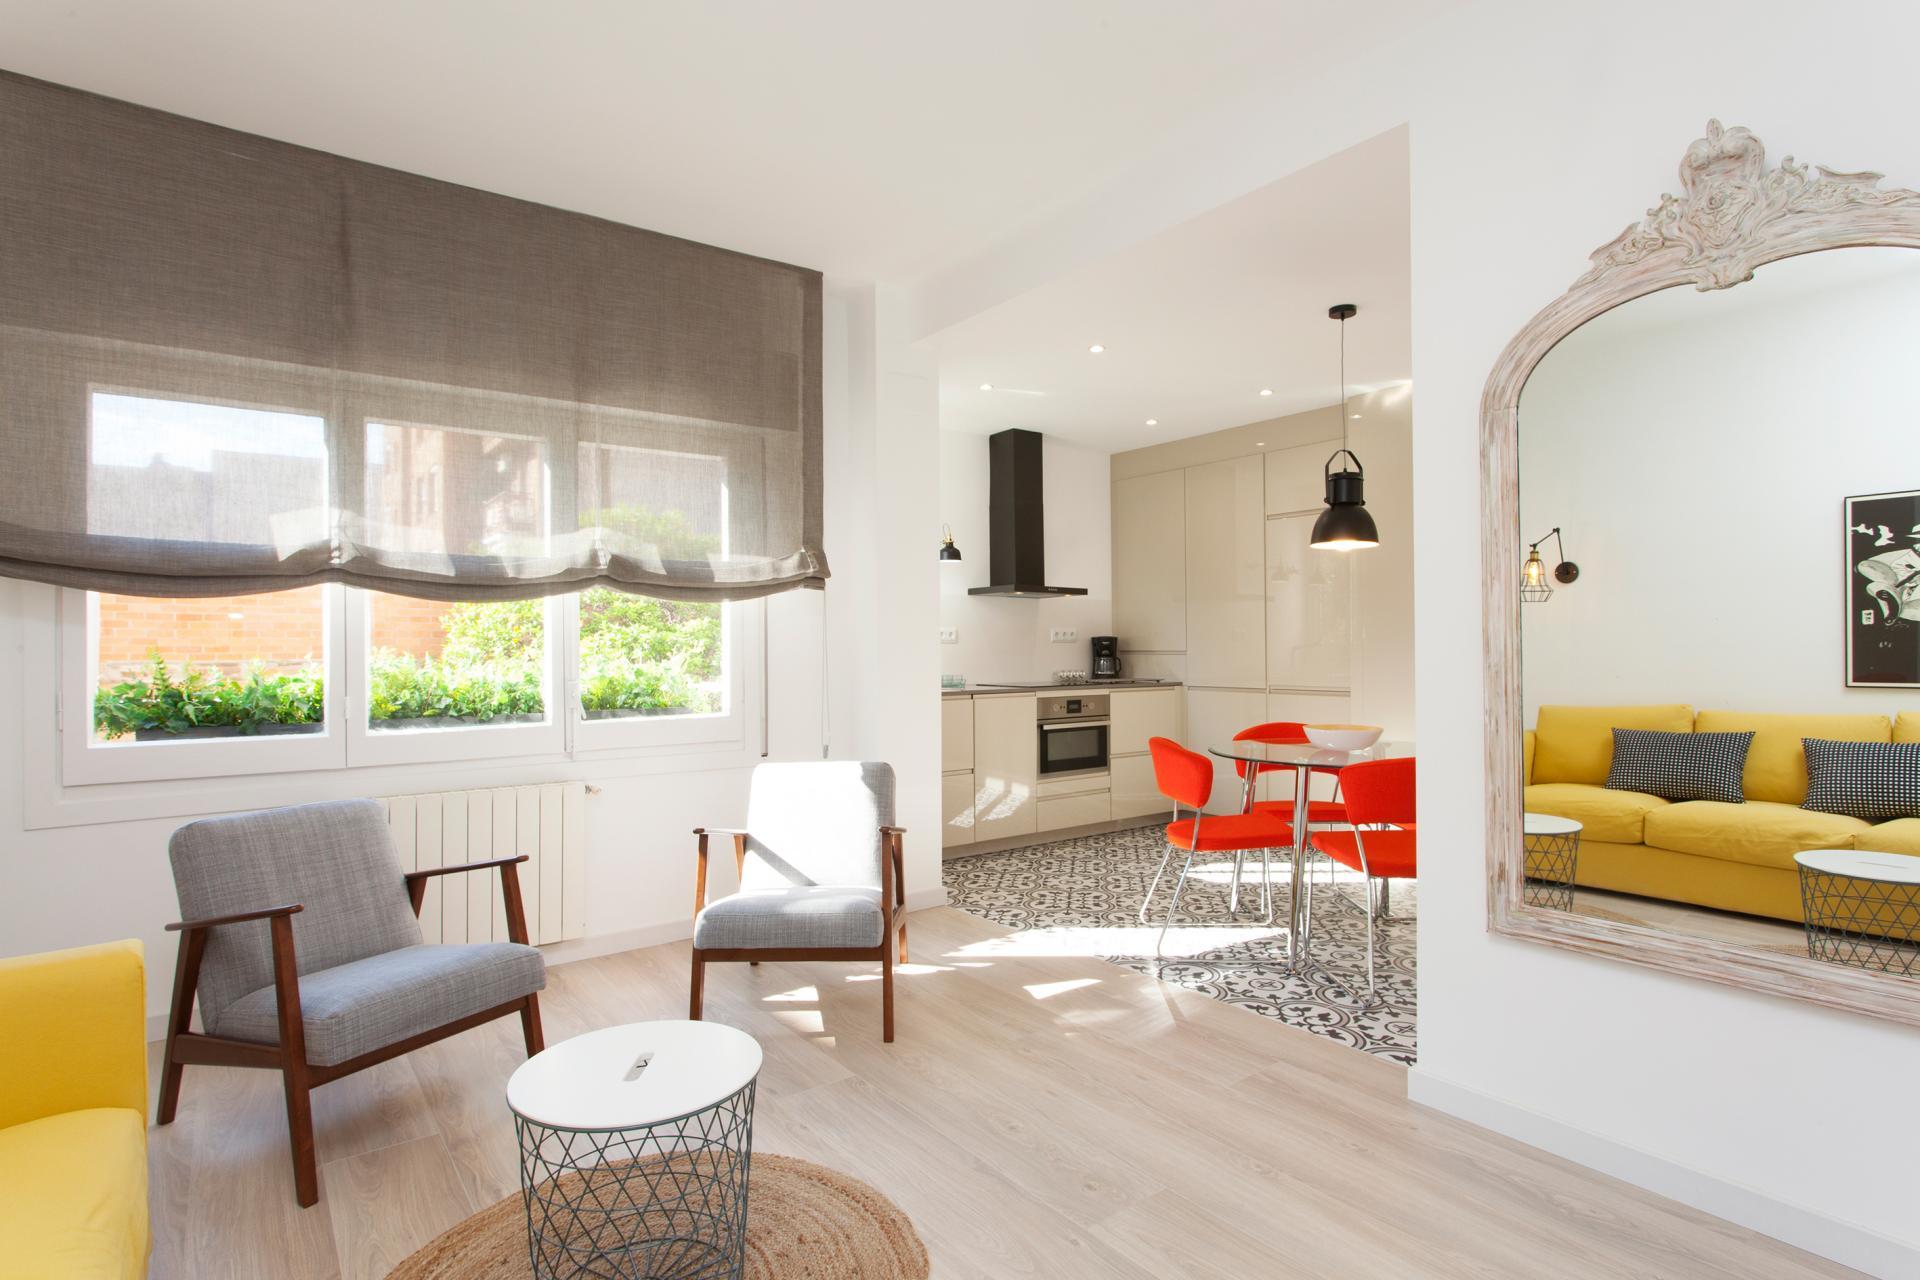 Shbarcelona alquiler piso por temporadas en sants montju c - Alquiler piso por meses barcelona ...